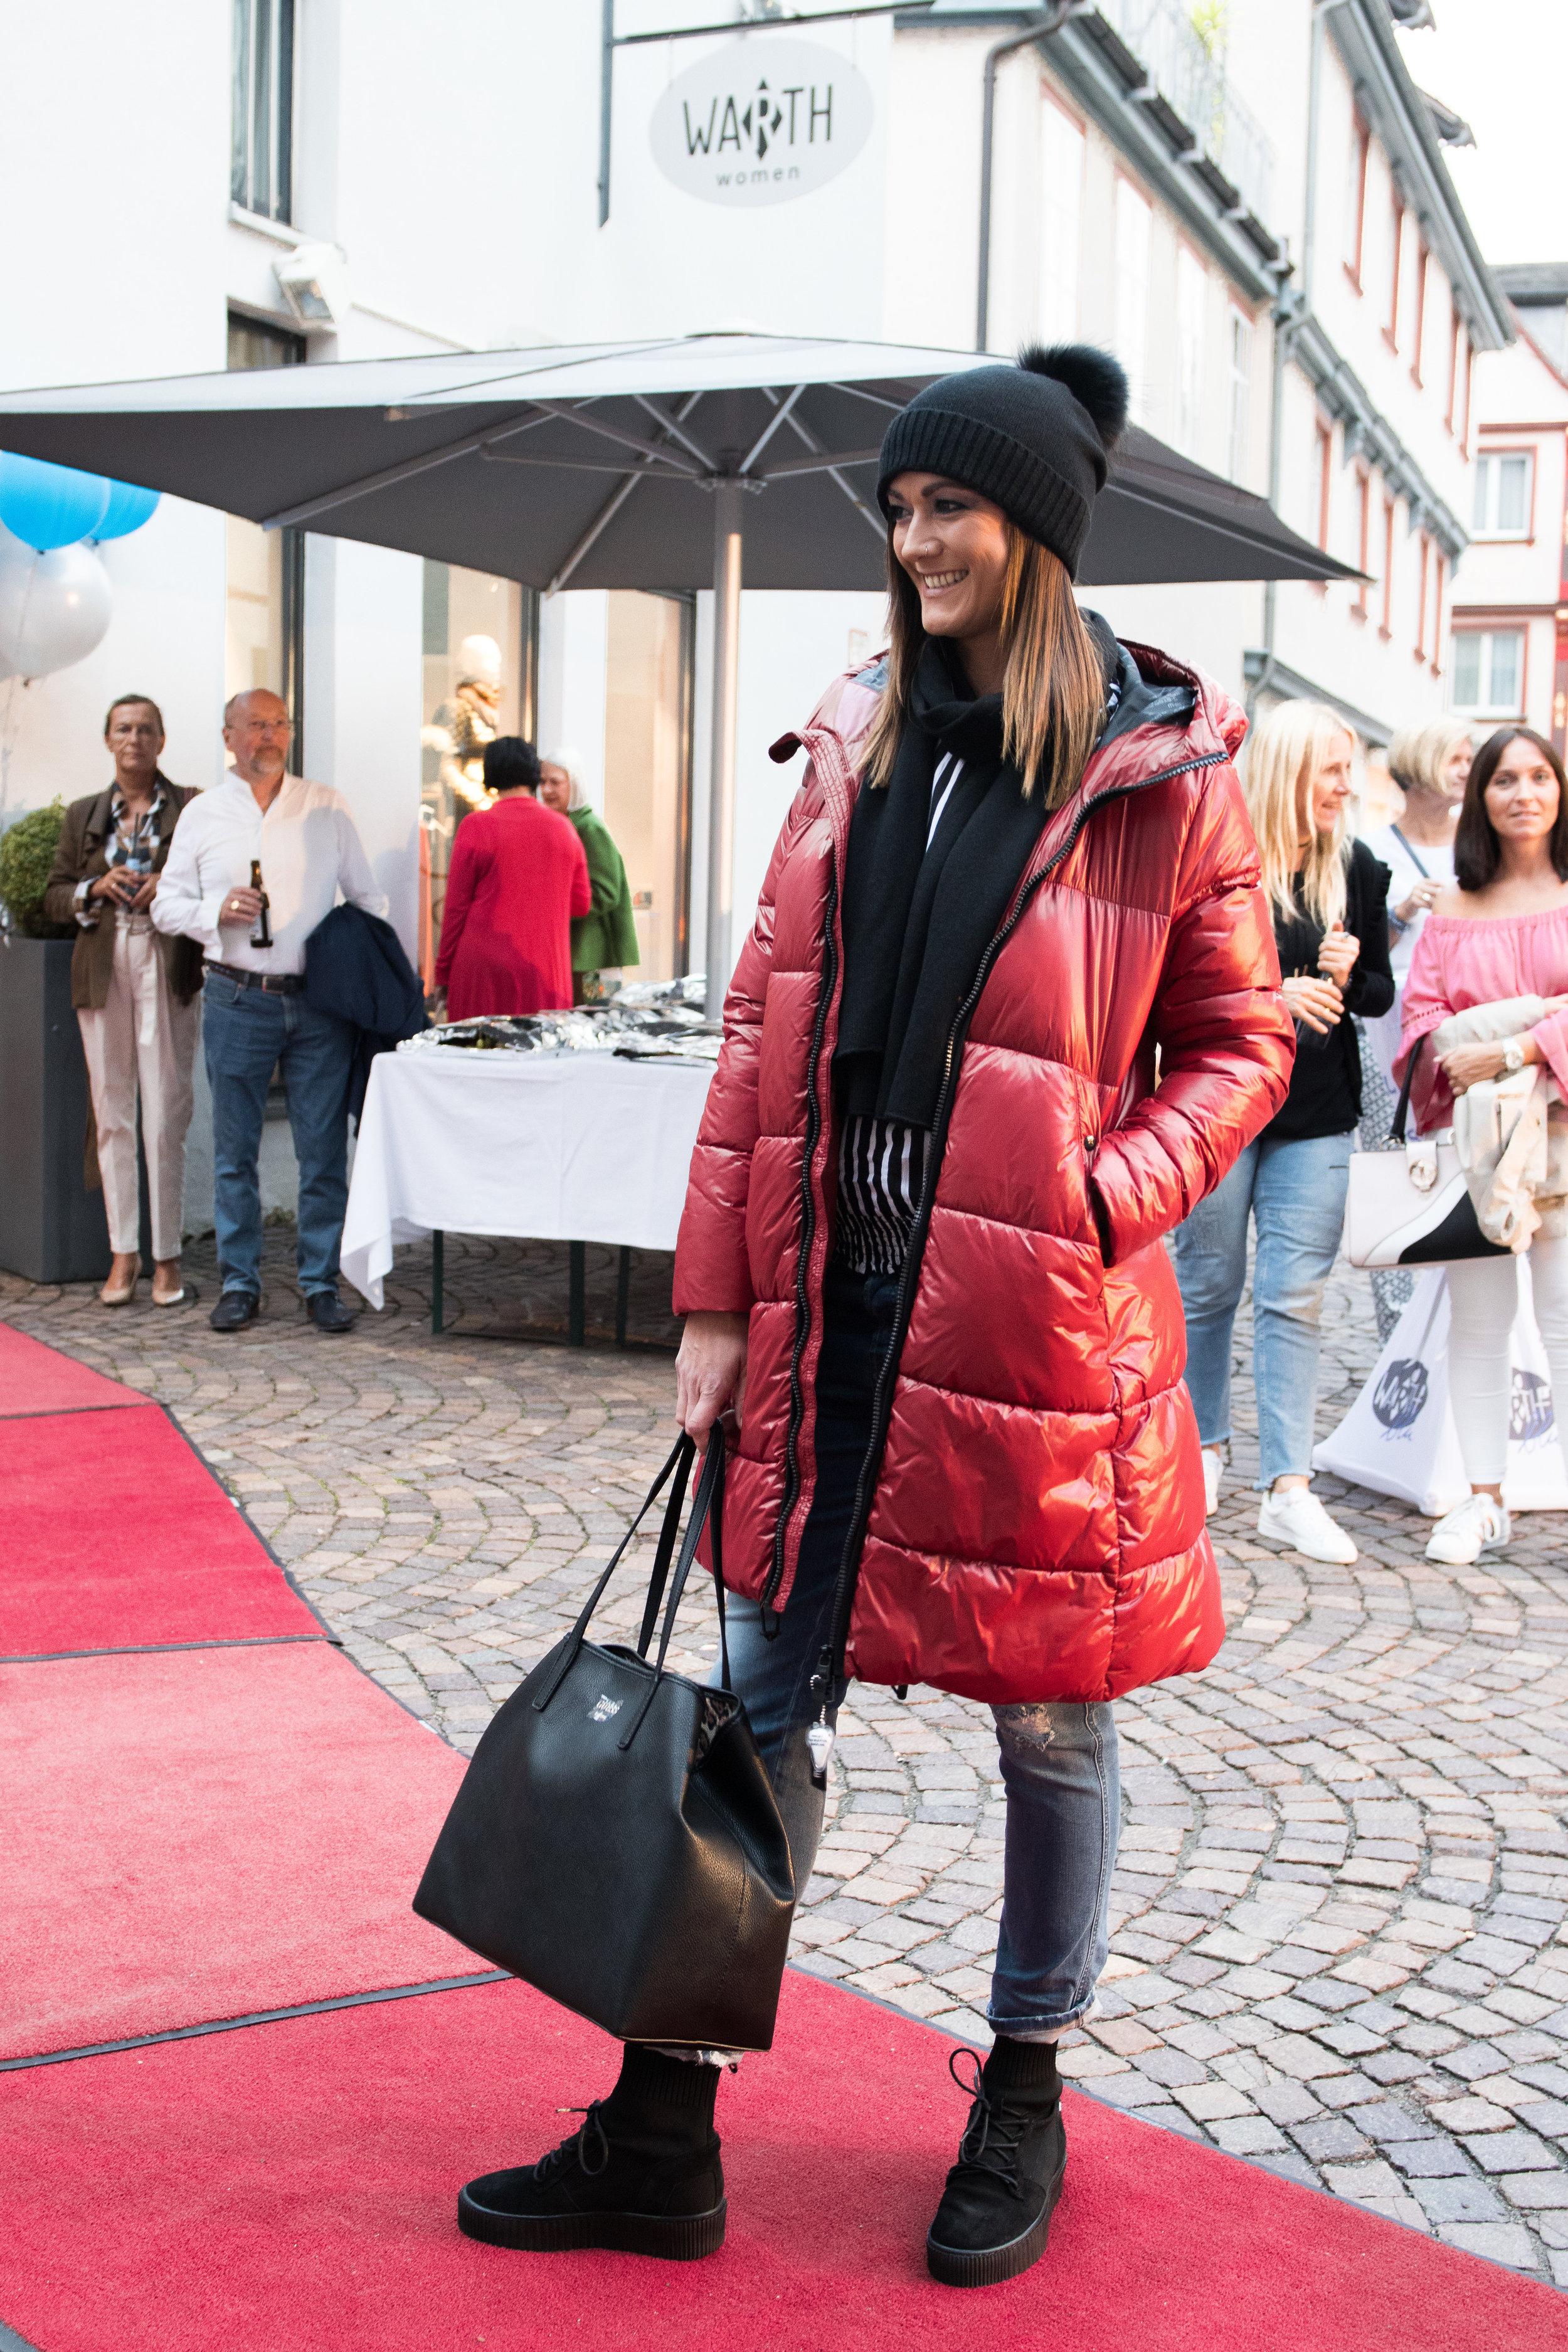 Fashionshowbackstage_1.jpg